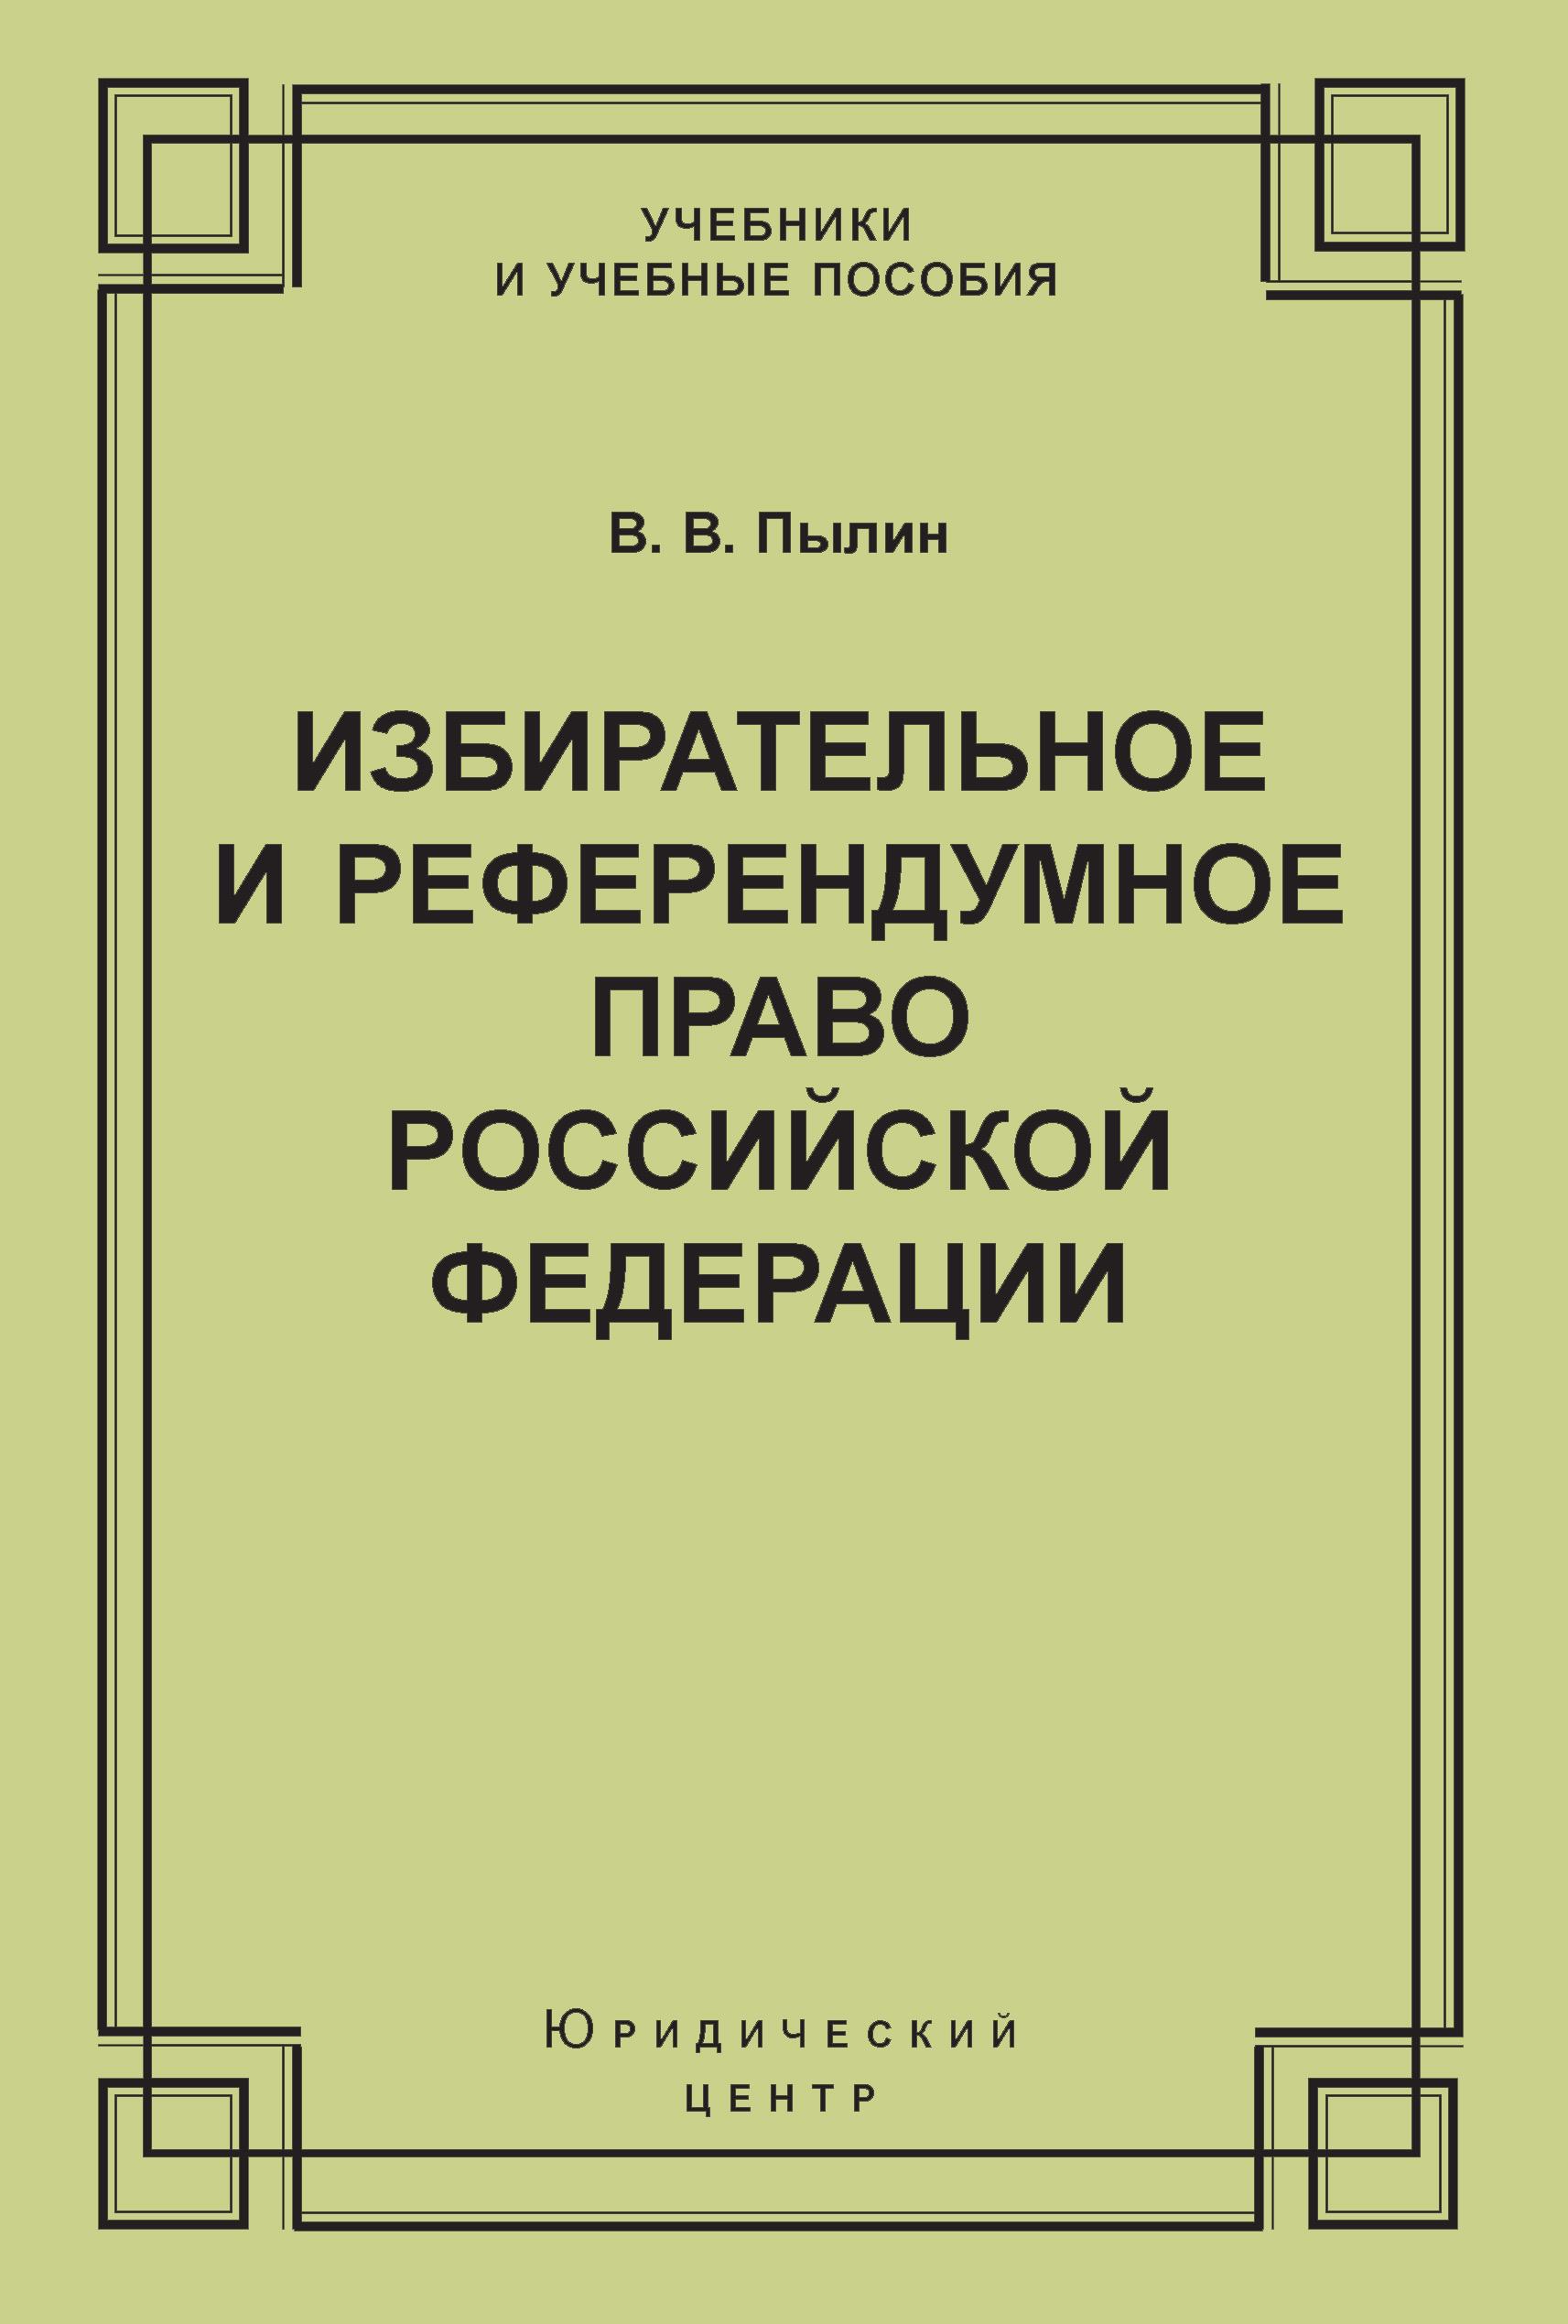 В. В. Пылин Избирательное и референдумное право Российской Федерации